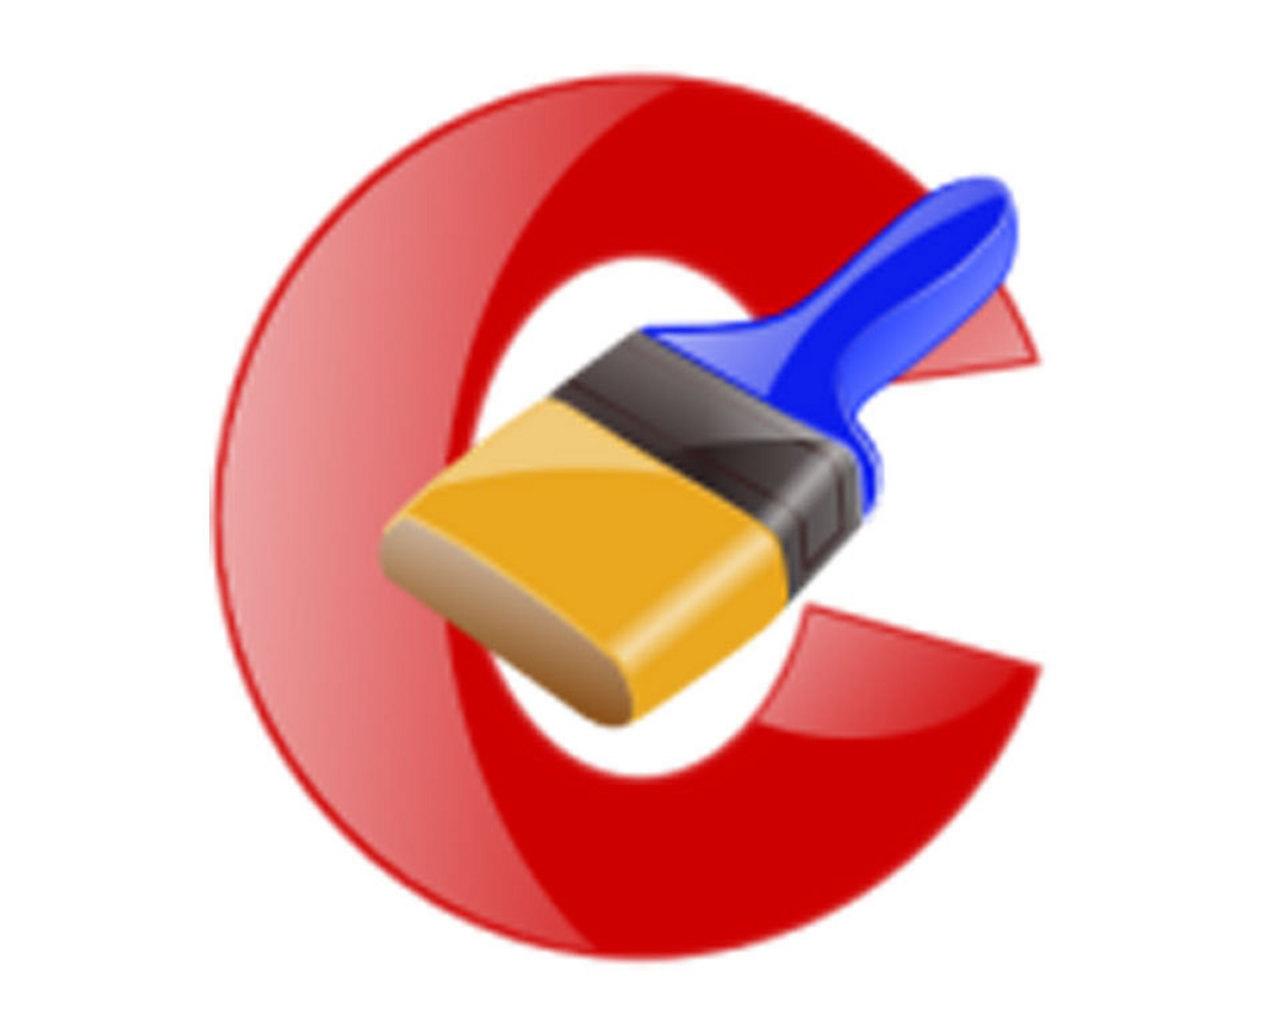 Limpiador de pc ccleaner desarrollo actual - Limpiador de errores gratis ...